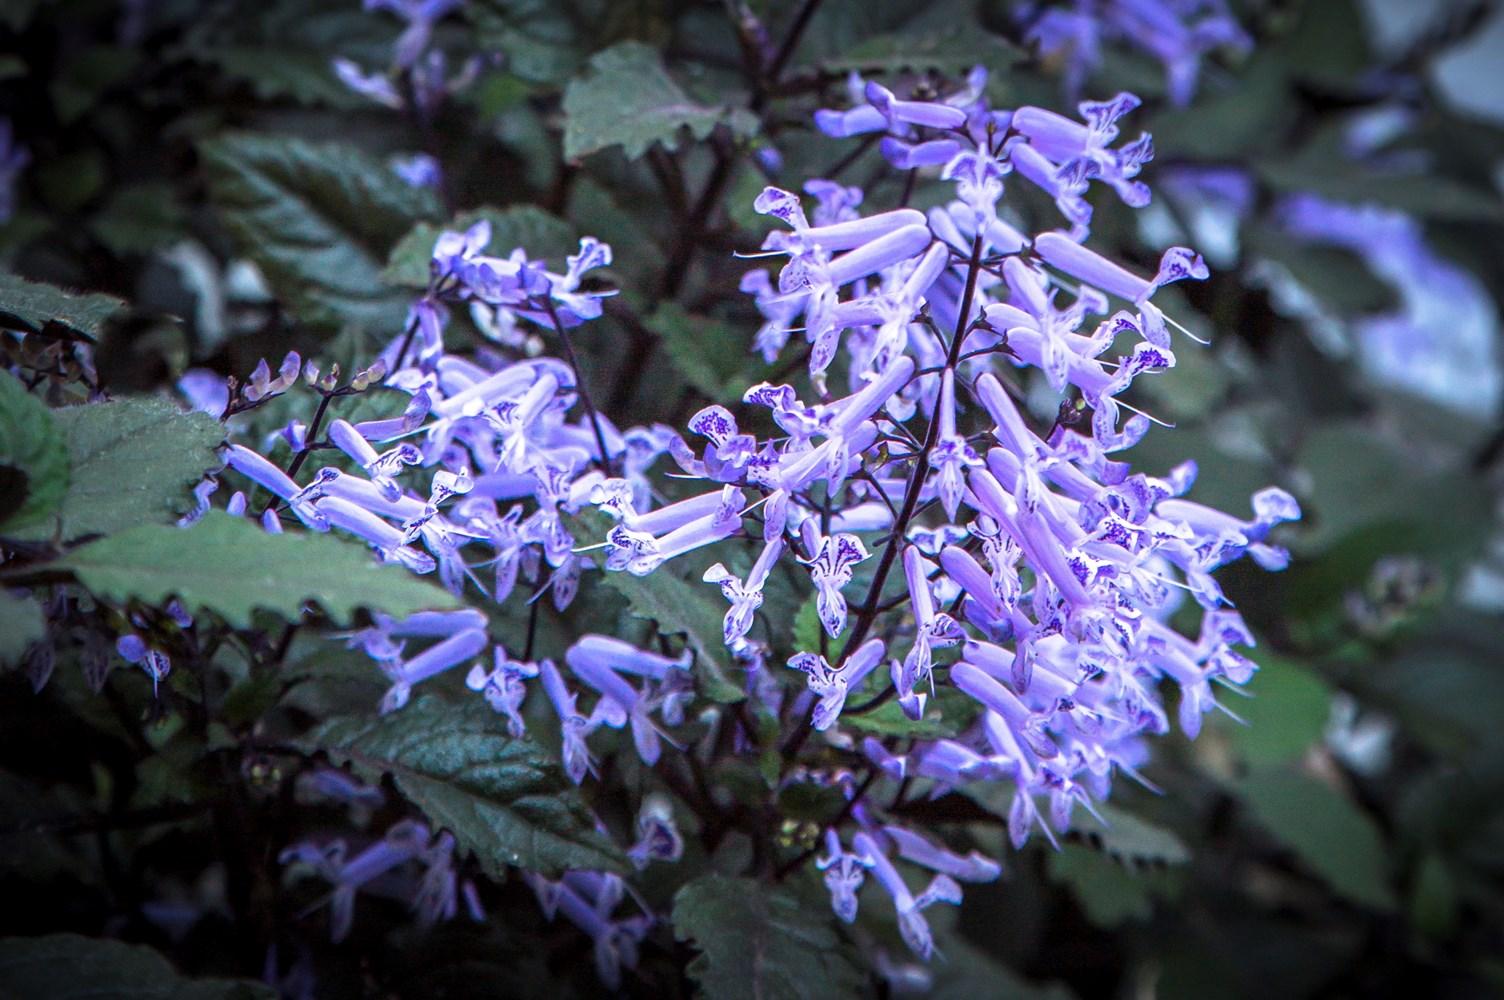 Website/Plants/351/Images/Gallery/p_monalavender_09.0.jpg